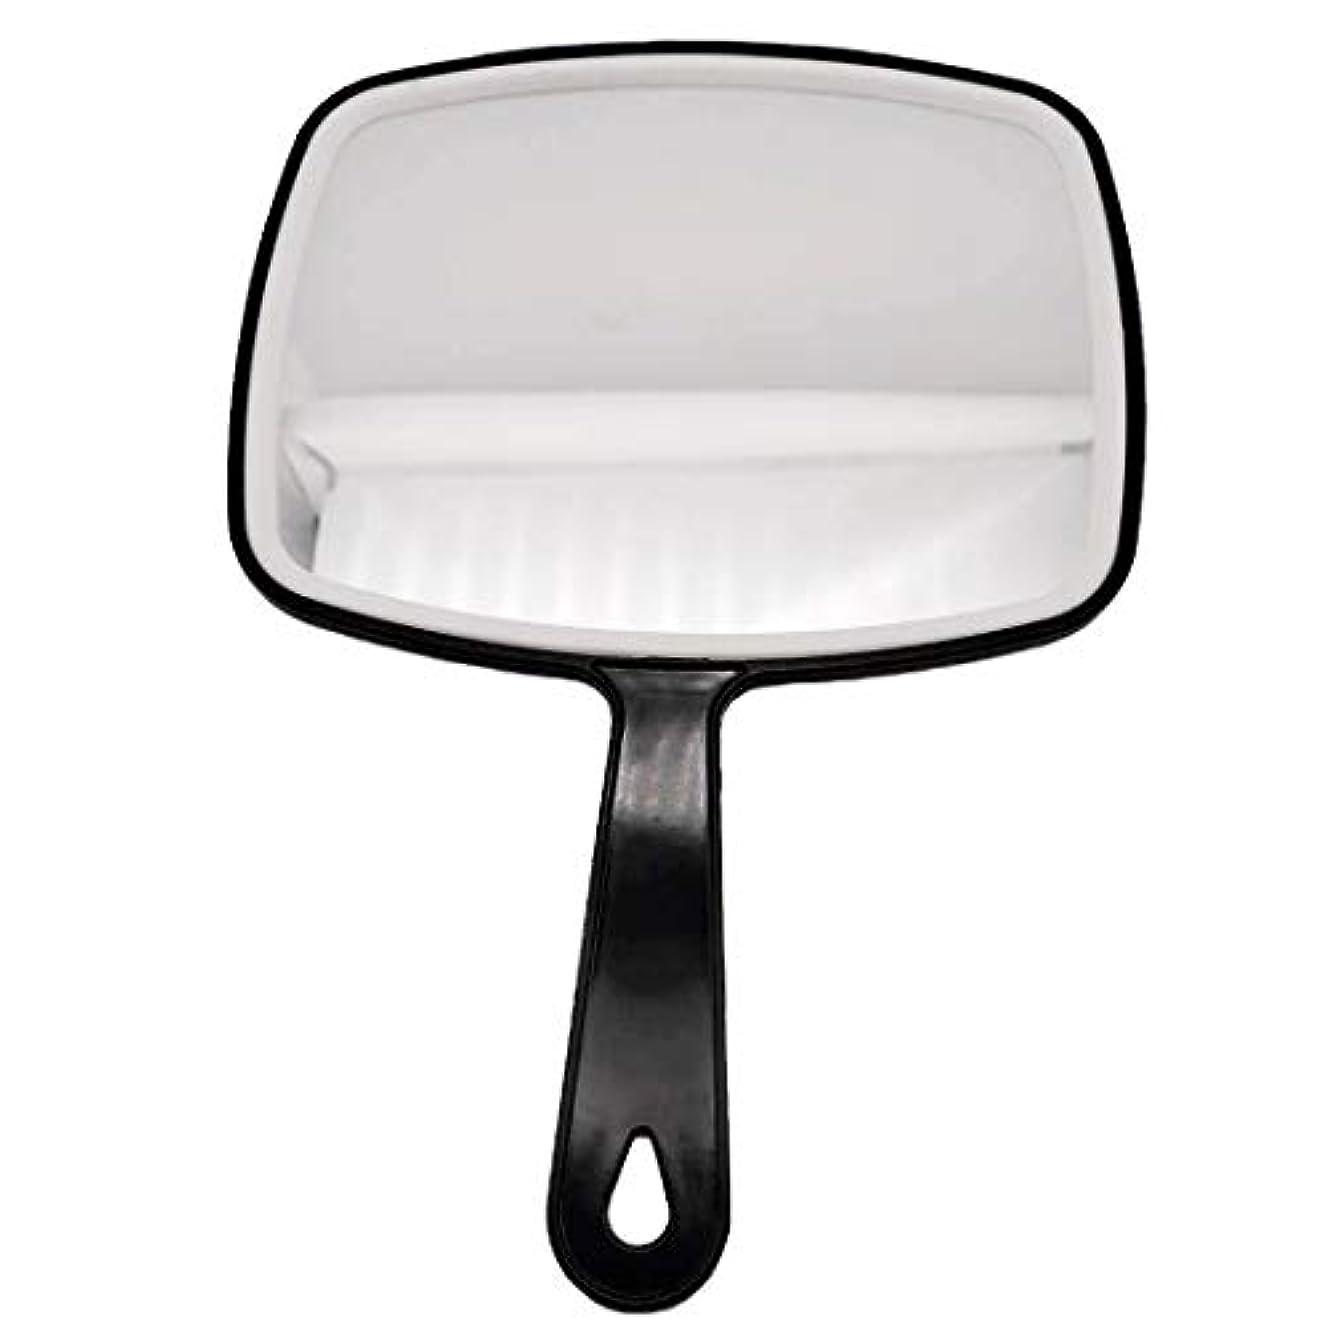 番号シリーズ鯨理髪ハンドミラー、ABSフレームメイクアップミラー、バスルームとベッドルーム用ミラー、床屋ヘアカットミラー (黒-1個)